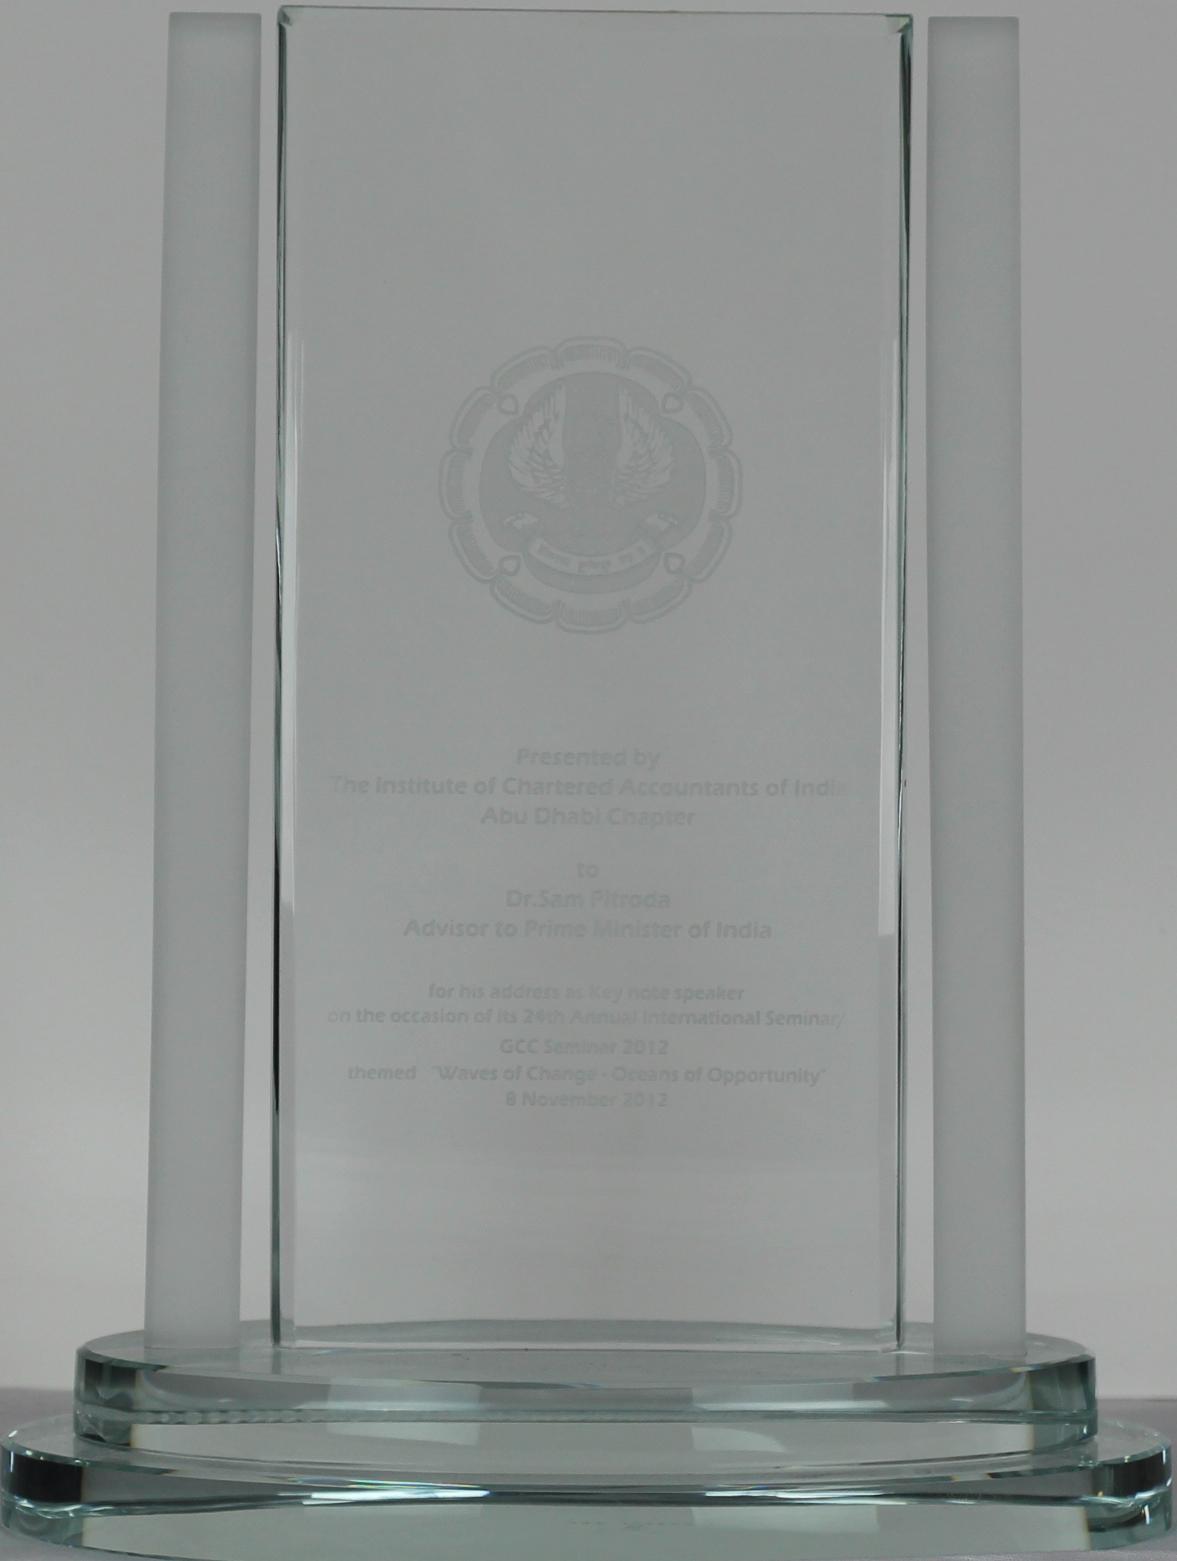 Keynote Speaker Award, Chartered Accountants of India, Abu Dhabi Chapter, 2012